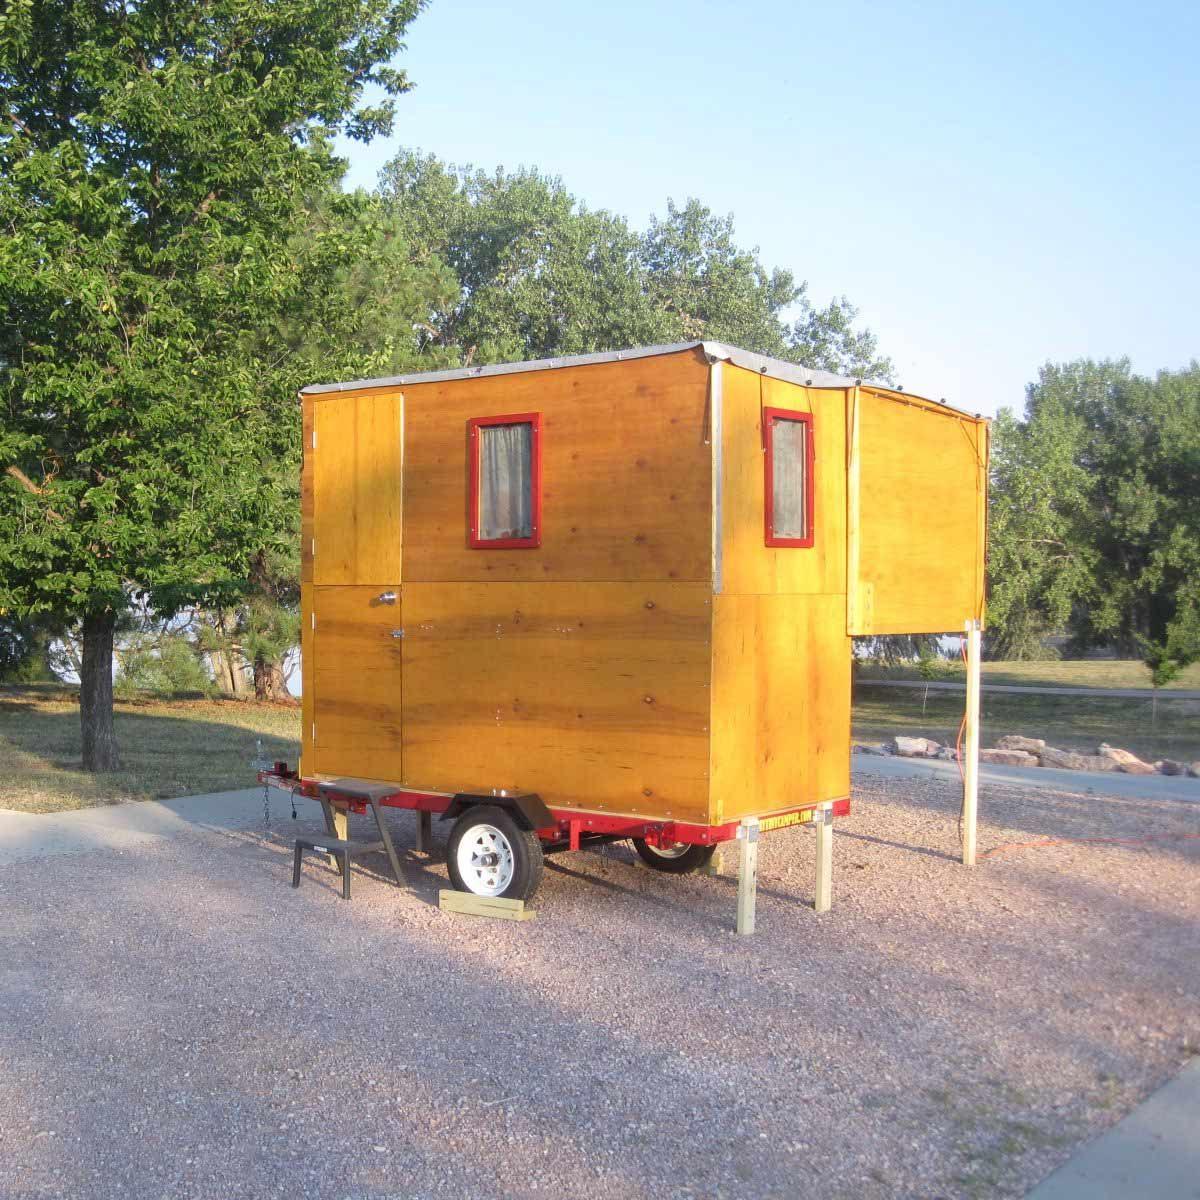 DIY Tiny Camper